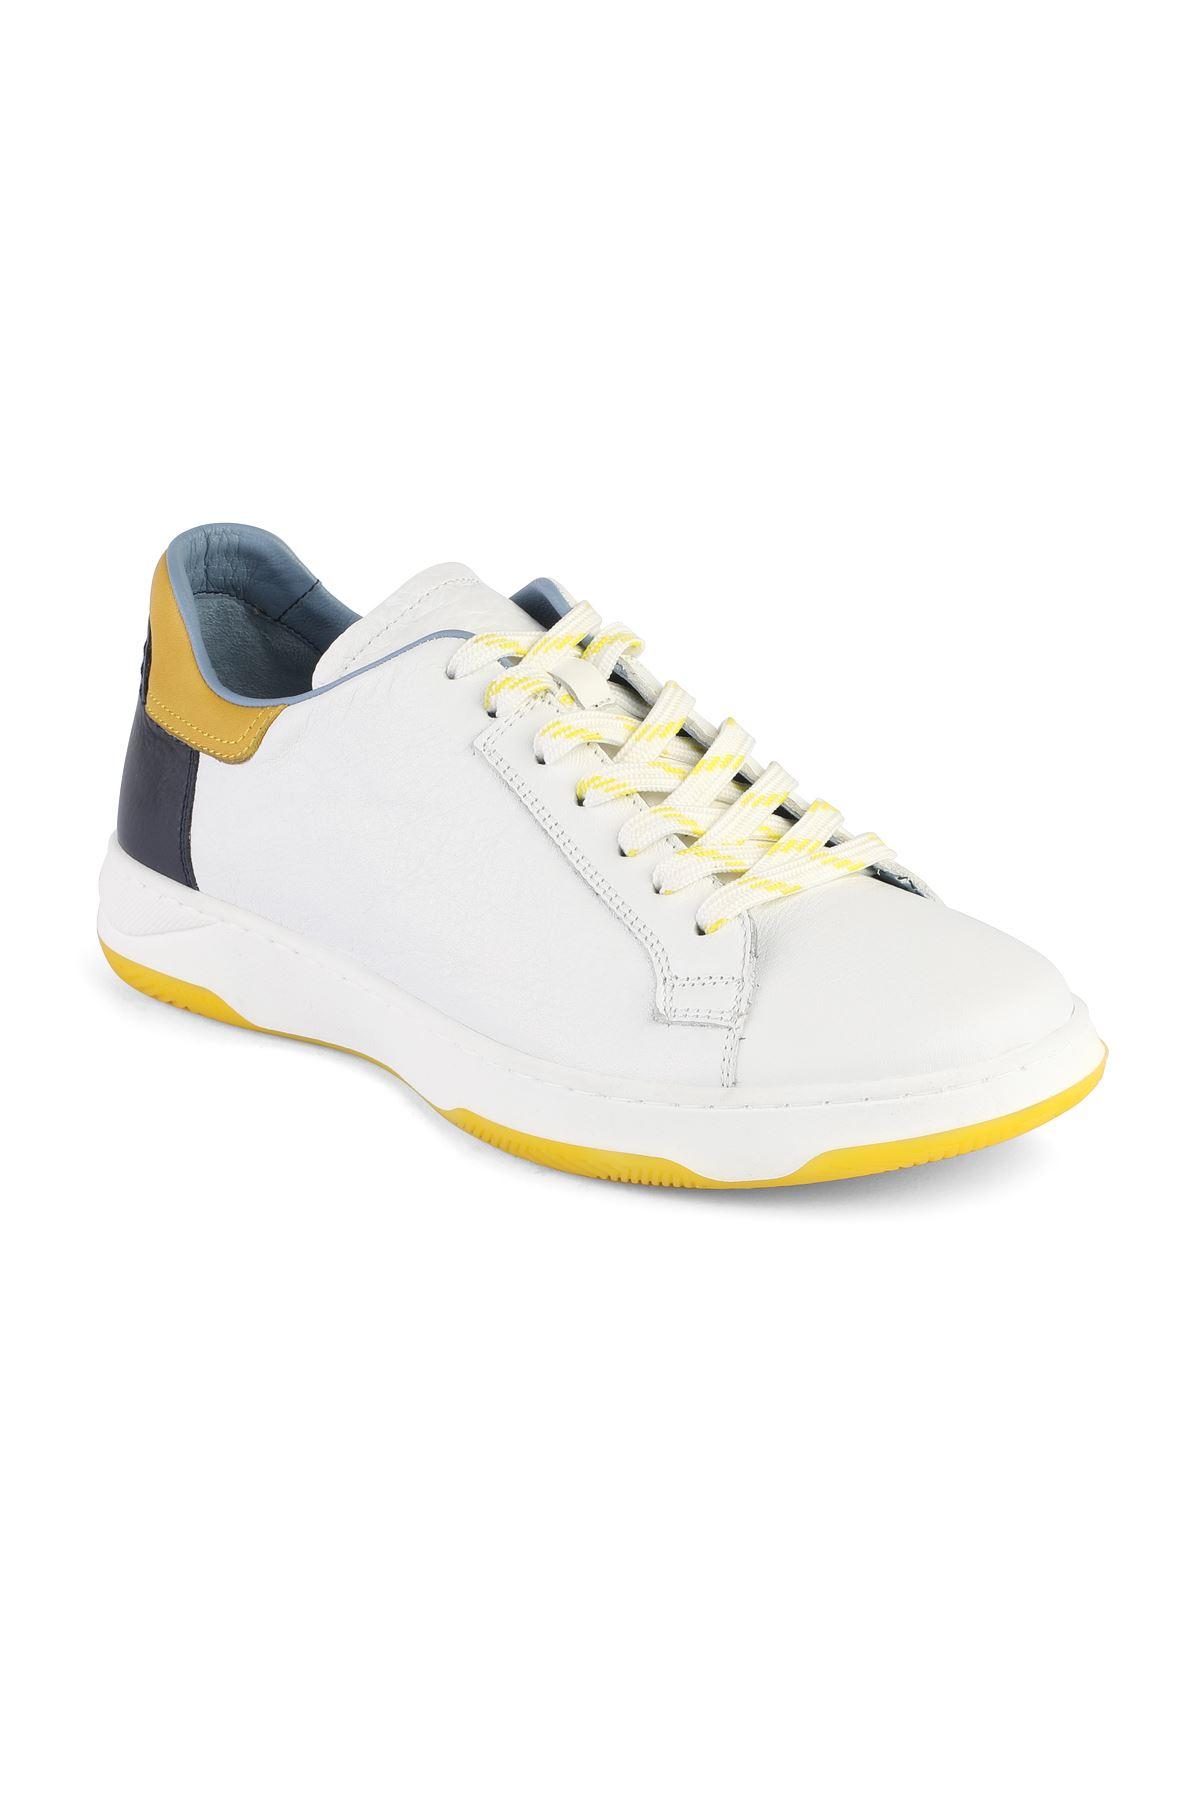 Libero L3227 Beyaz Spor Ayakkabı